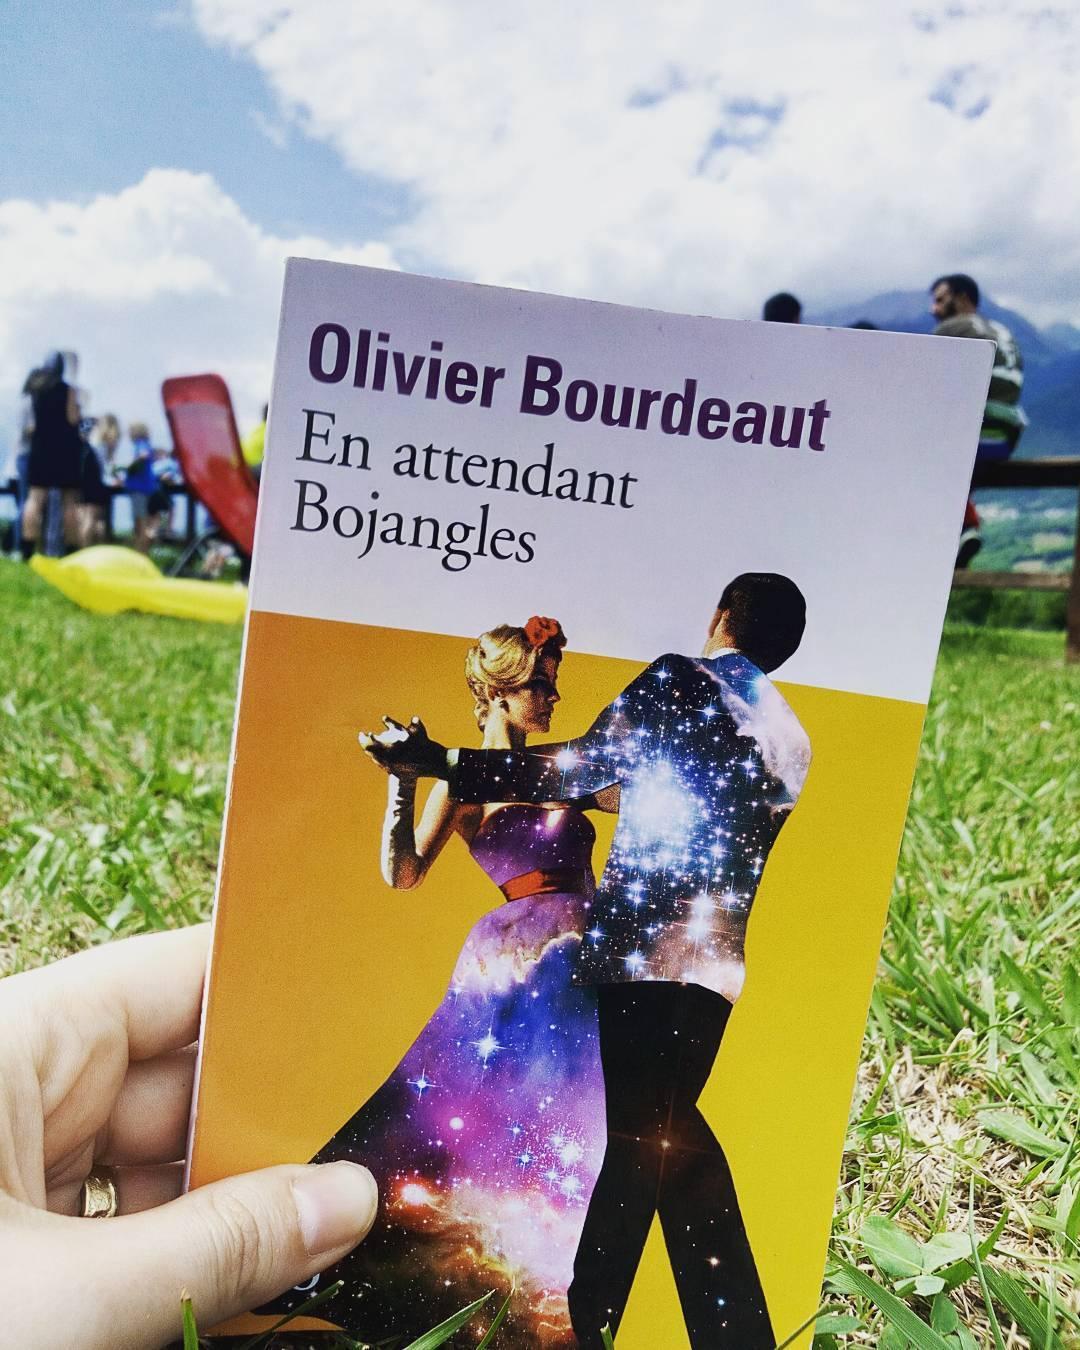 Olivier Bourdeaut En Attendant Bojangles : olivier, bourdeaut, attendant, bojangles, Review:, Attendant, Bojangles,, Olivier, Bourdeaut, Hartley